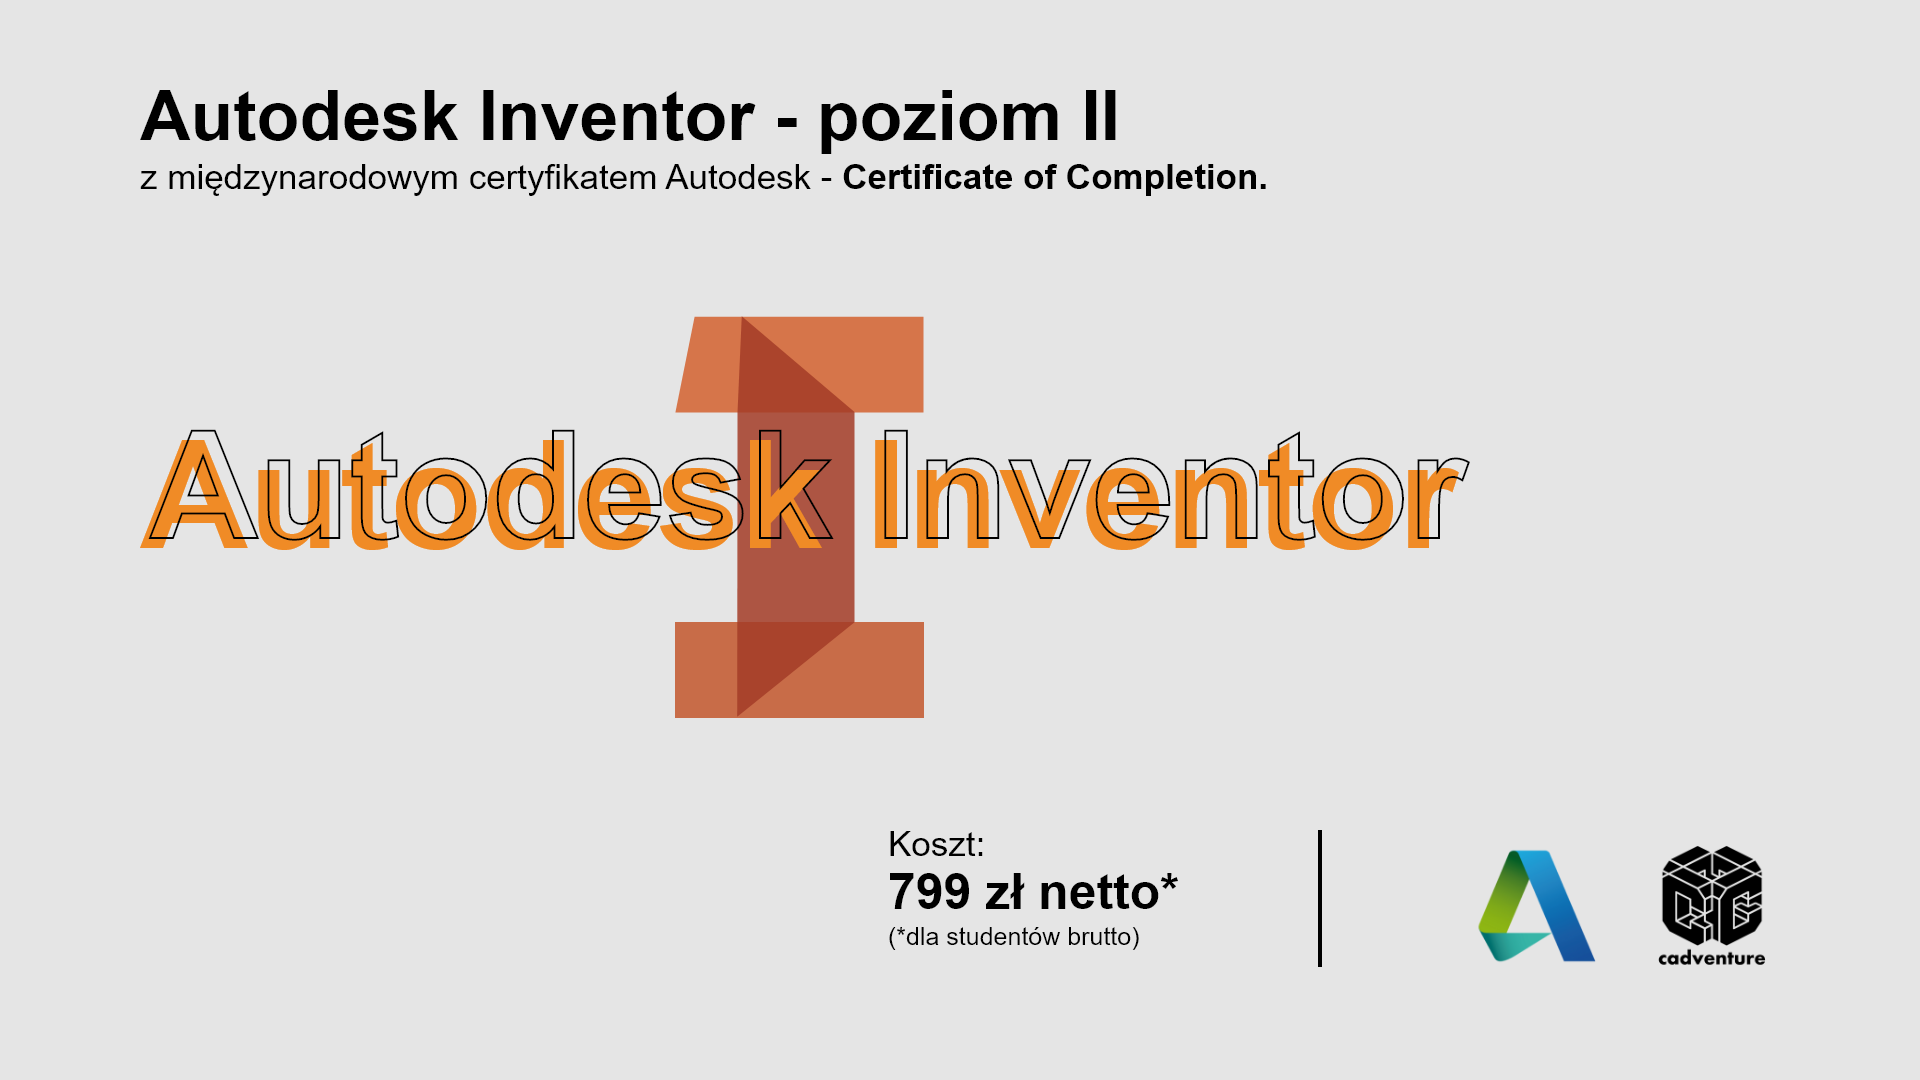 Inventor II